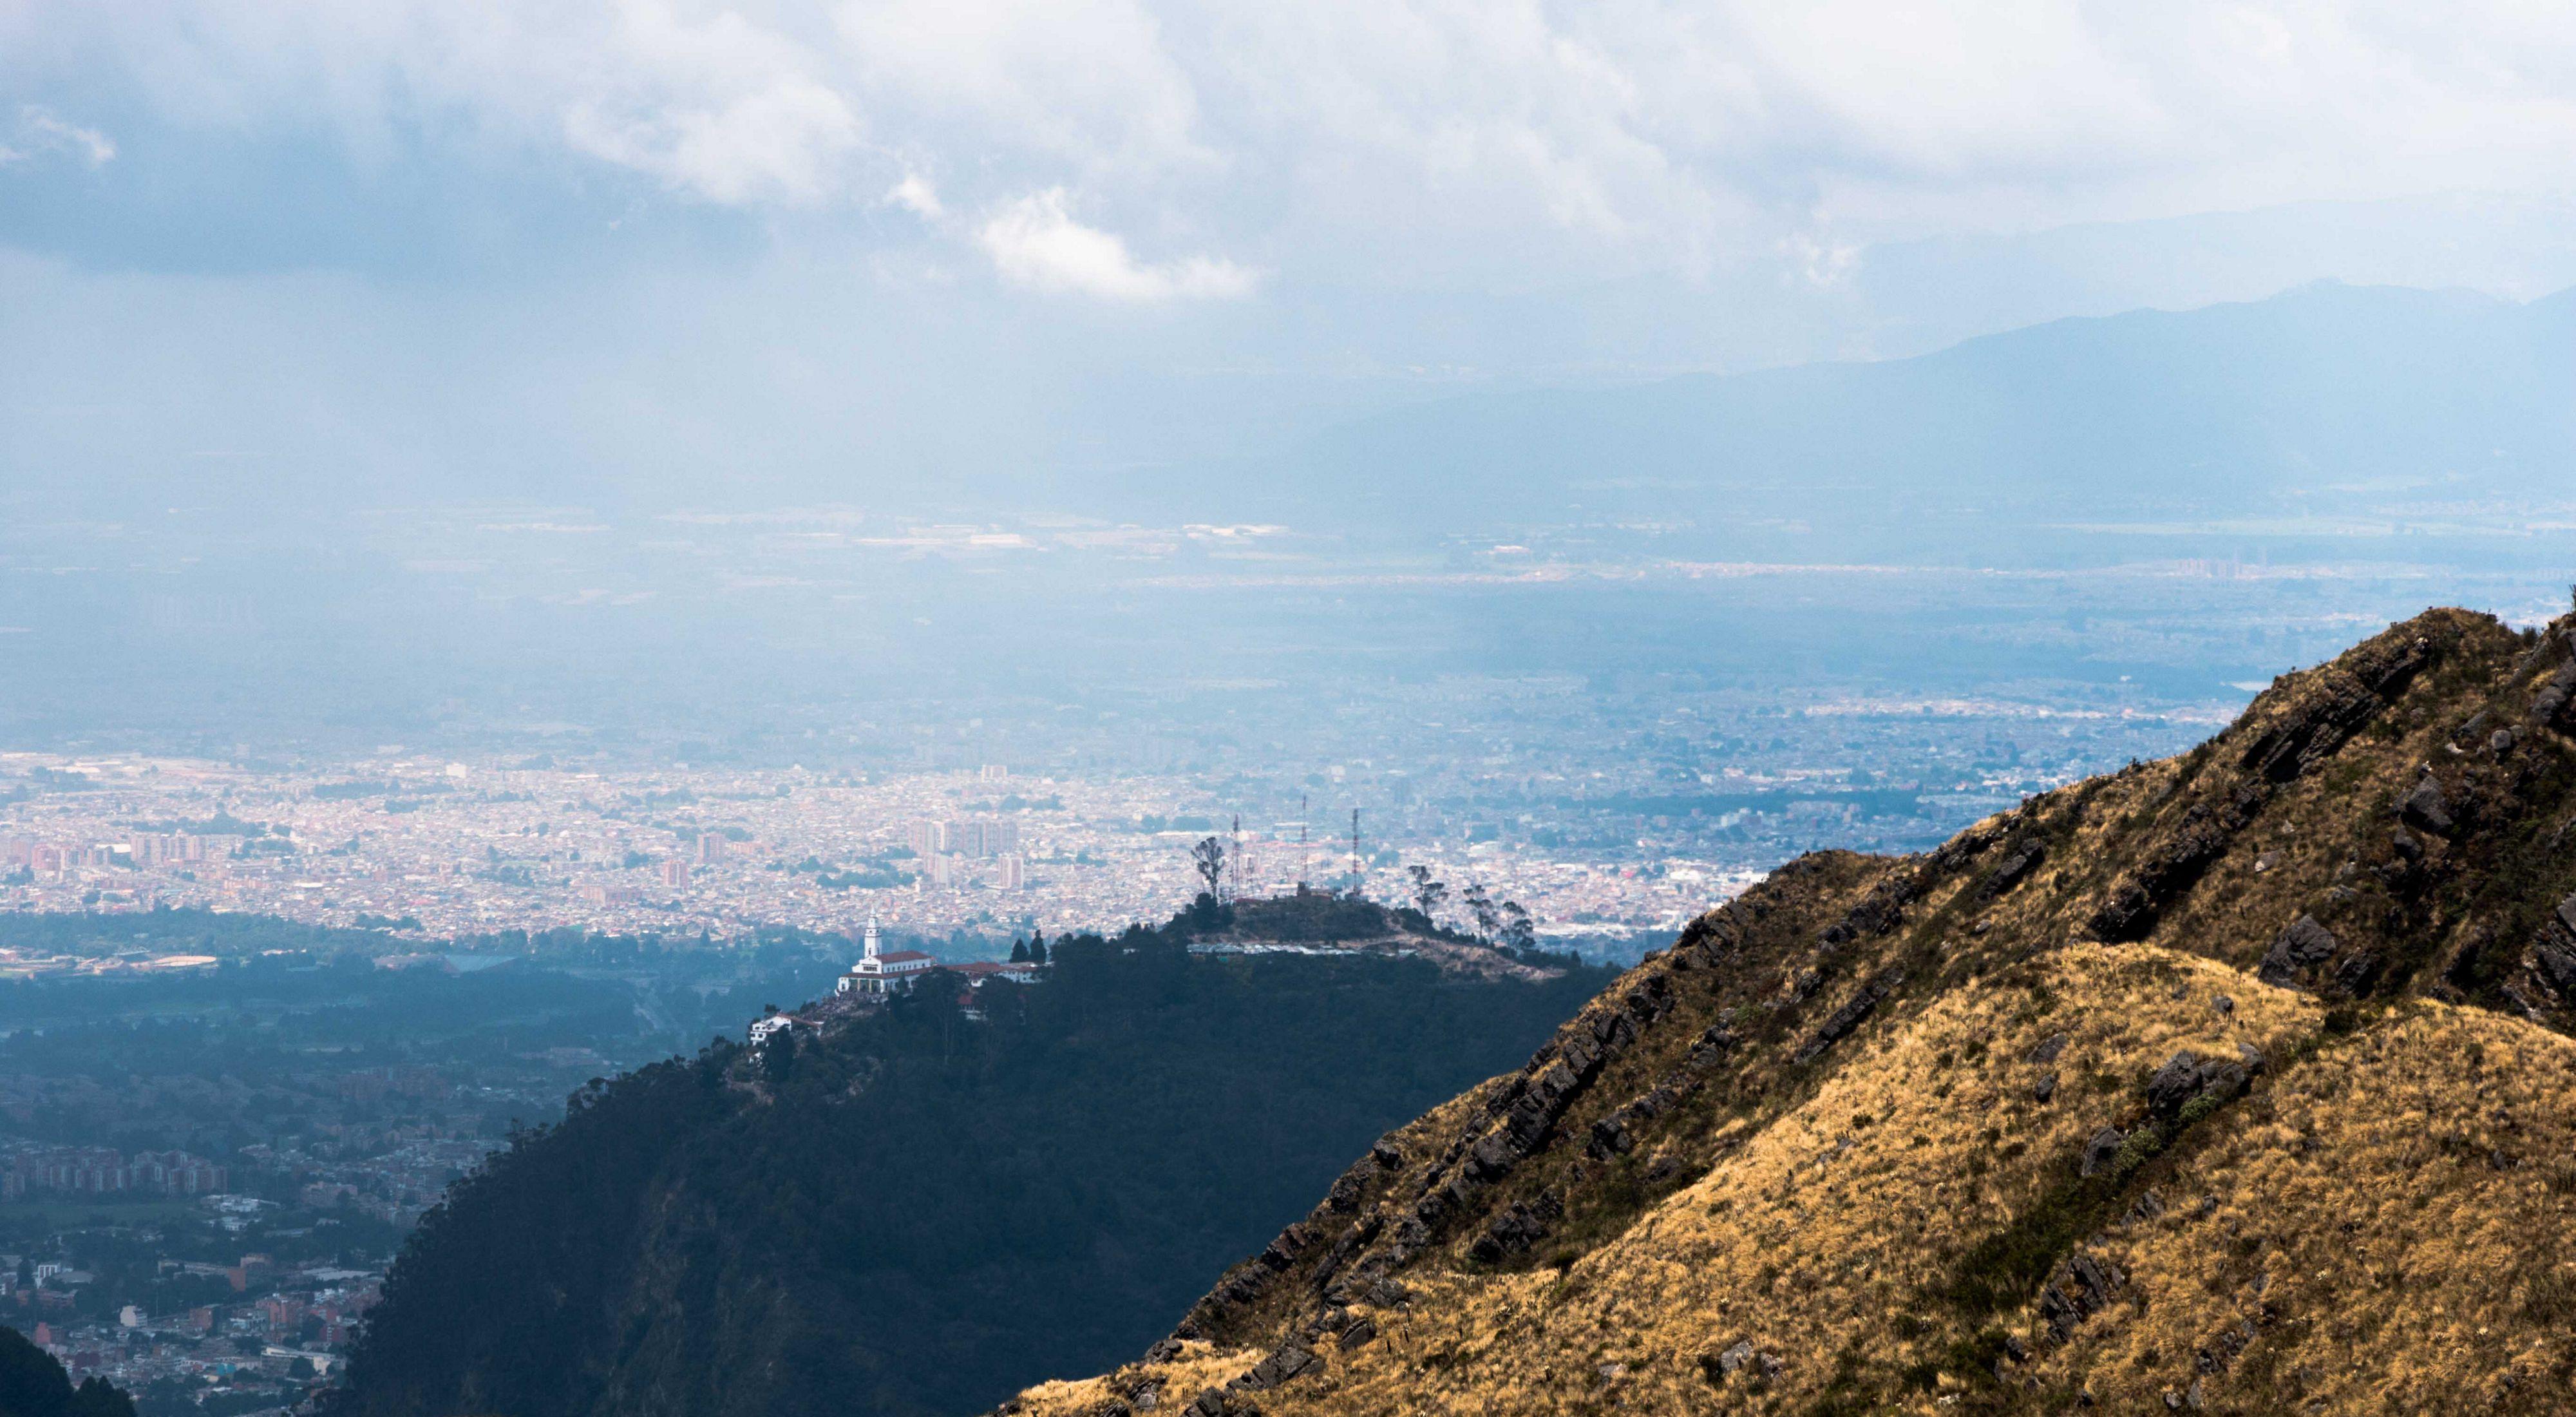 América del sur comienza con Colombia, uno de los pases con más privilegios hídricos.  Al fondo su capital: Bogotá